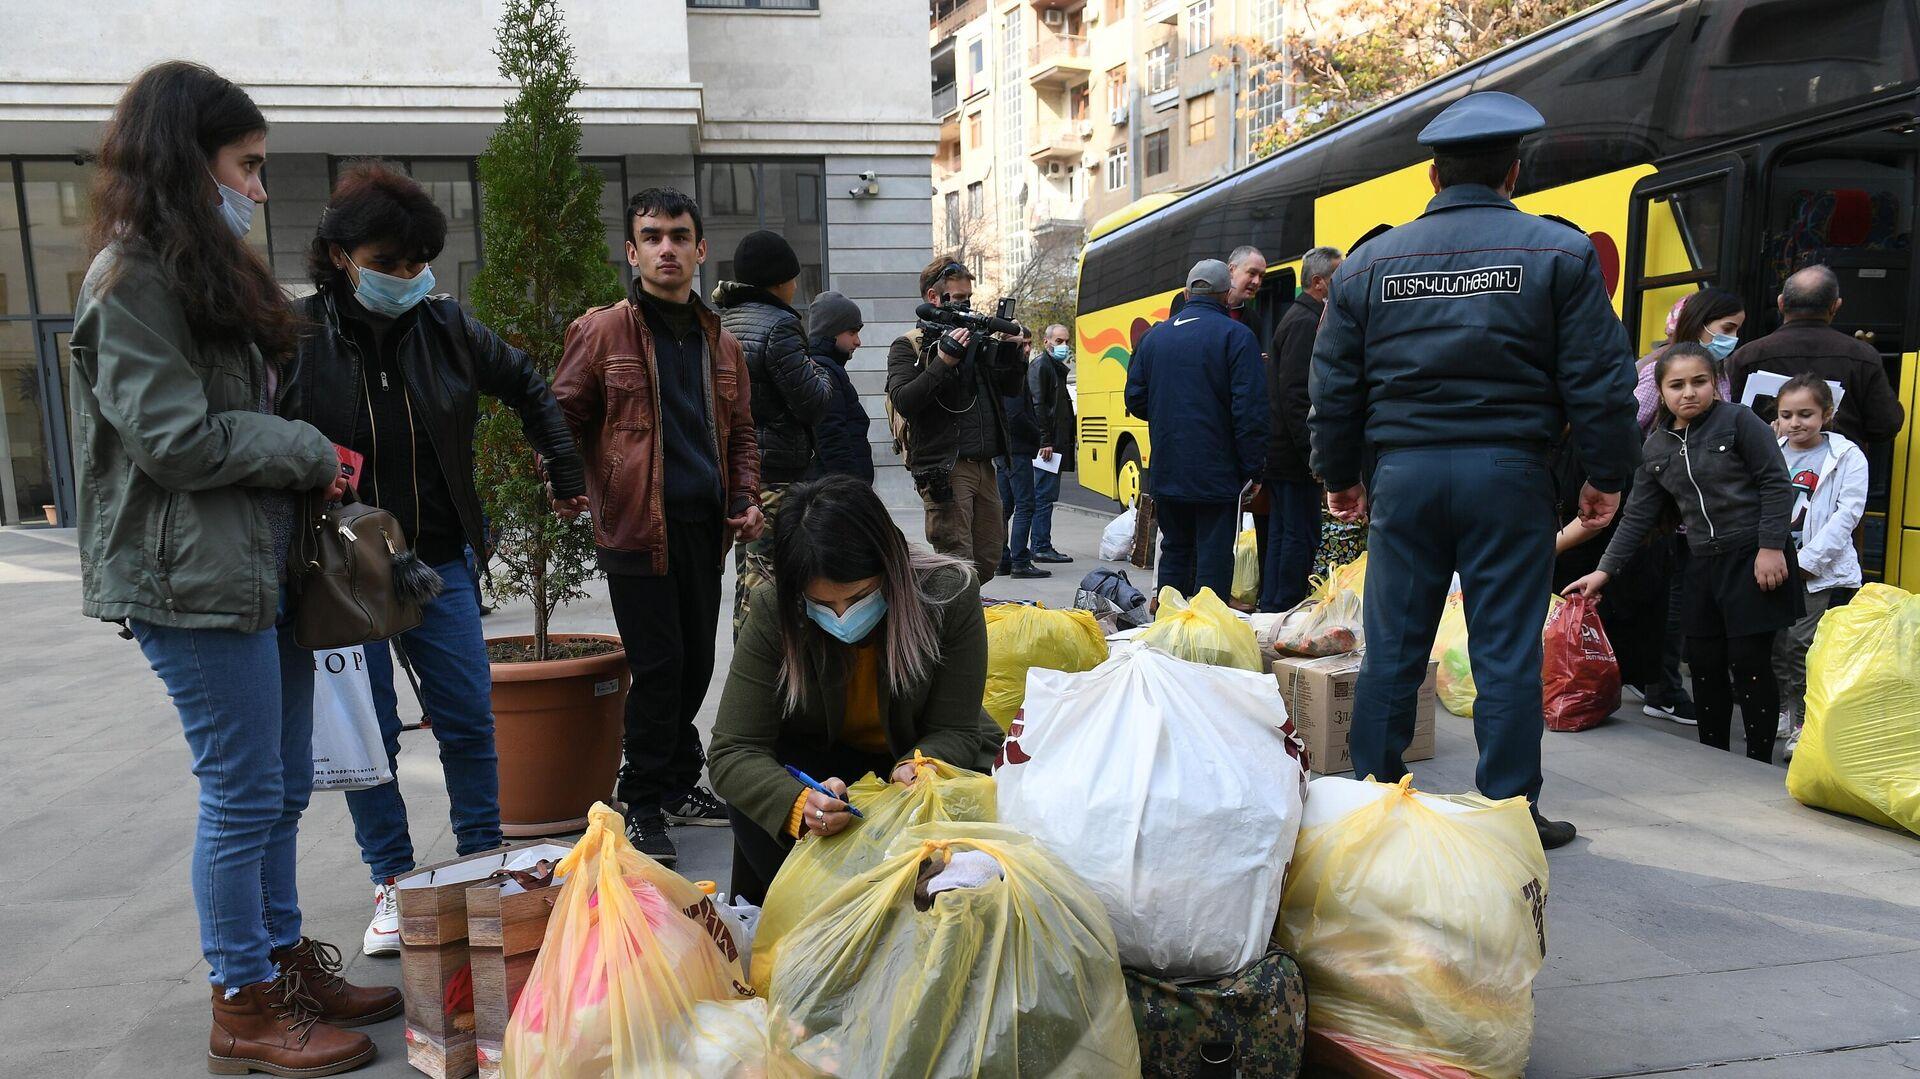 Беженцы из Нагорного Карабаха садятся в салон автобуса в Ереване во время возвращения домой в Степанакерт - РИА Новости, 1920, 01.12.2020